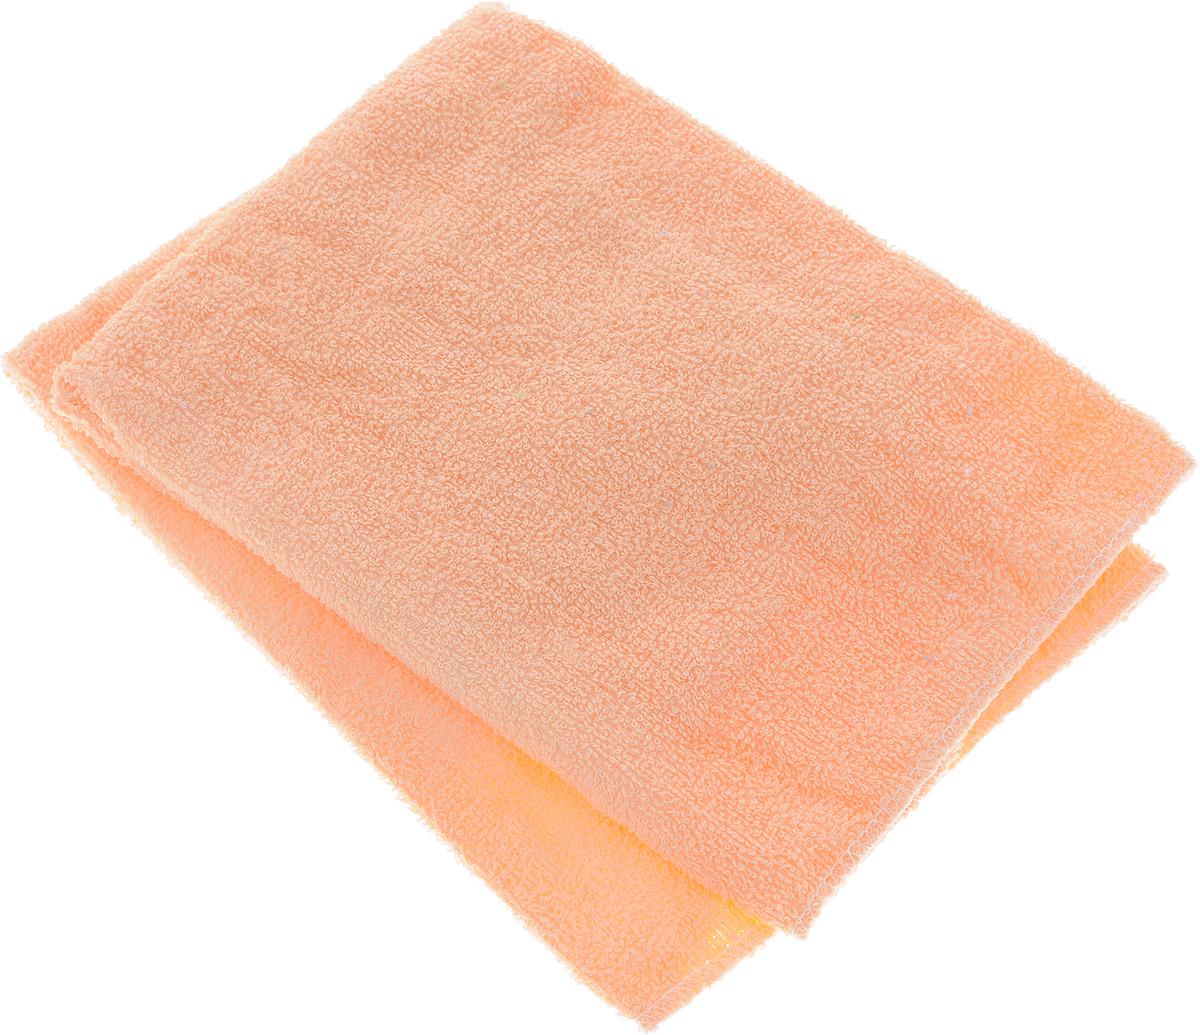 Салфетка автомобильная Главдор, для мойки и полировки, цвет: персиковый, 39 х 39 см, 2 штRC-100BWCСалфетки Главдор выполнены из мягкой махровой ткани (100% хлопок). Изделия хорошо подходят для удаления пыли, нанесения очистителей и полиролей, также используются для располировки автомобильной косметики на любых поверхностях автомобиля. Можно стирать, многократного применения.